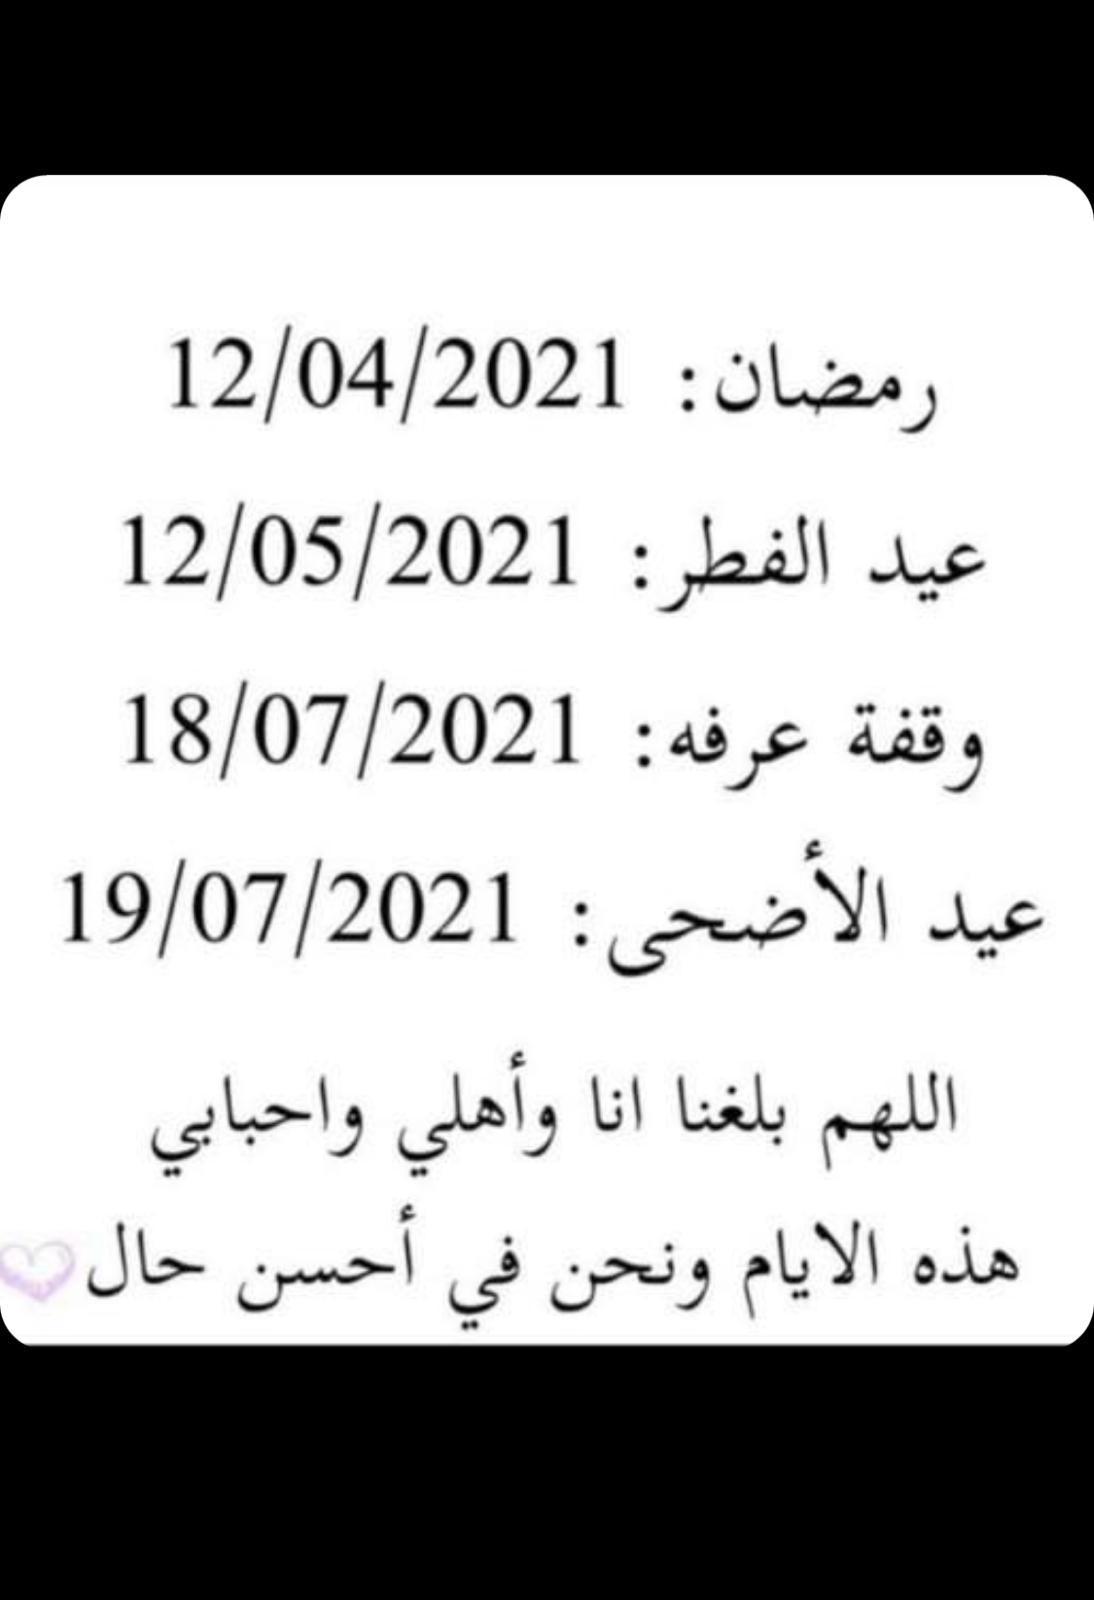 متى رمضان 2021 موعد شهر رمضان وعيد الفطر والأضحى 2021